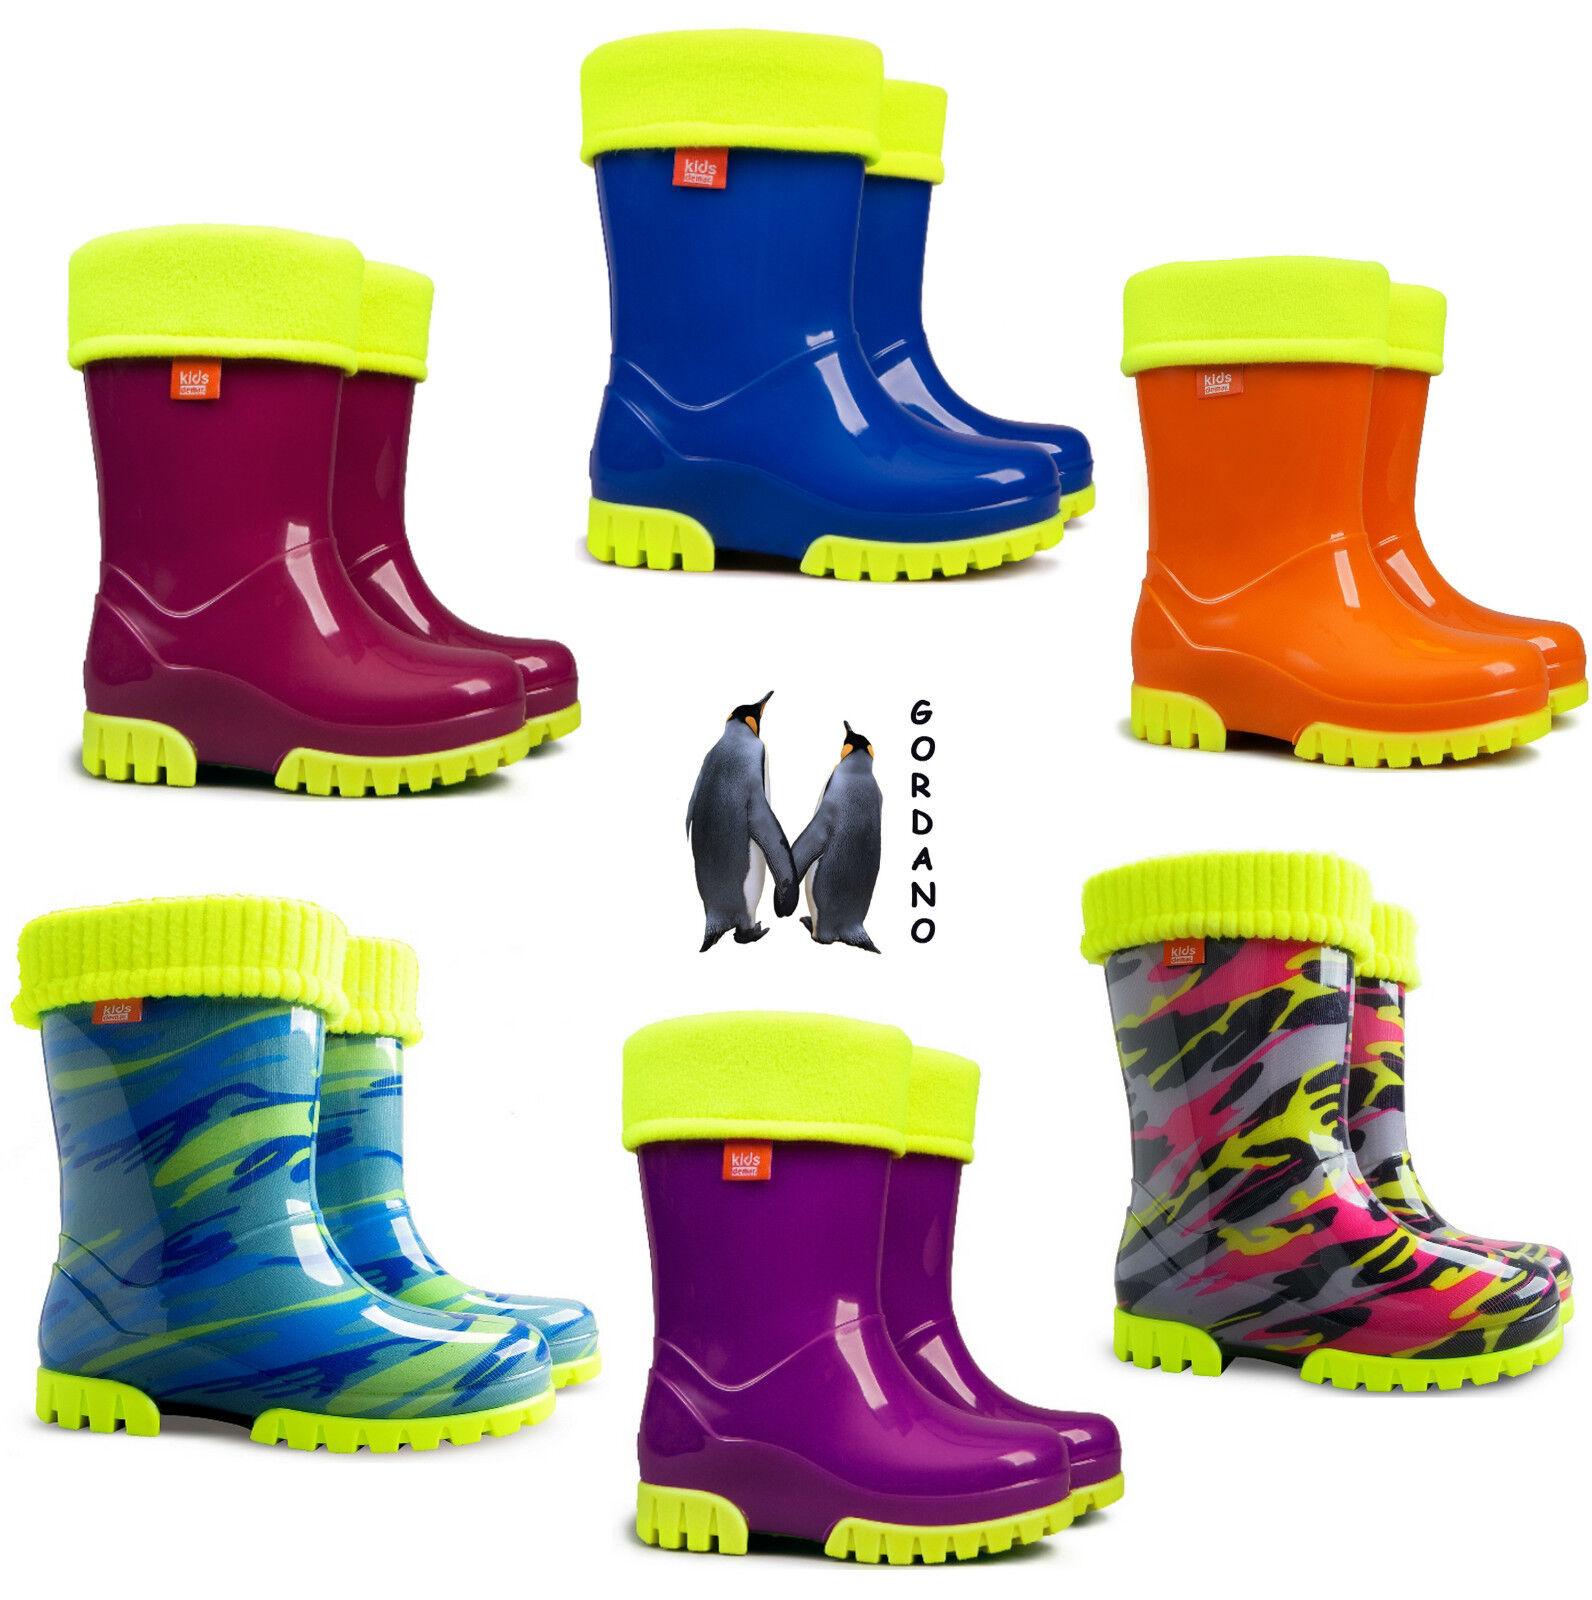 bambini ragazzi Stivali in gomma Wellington da pioggia neve fluorescente neon